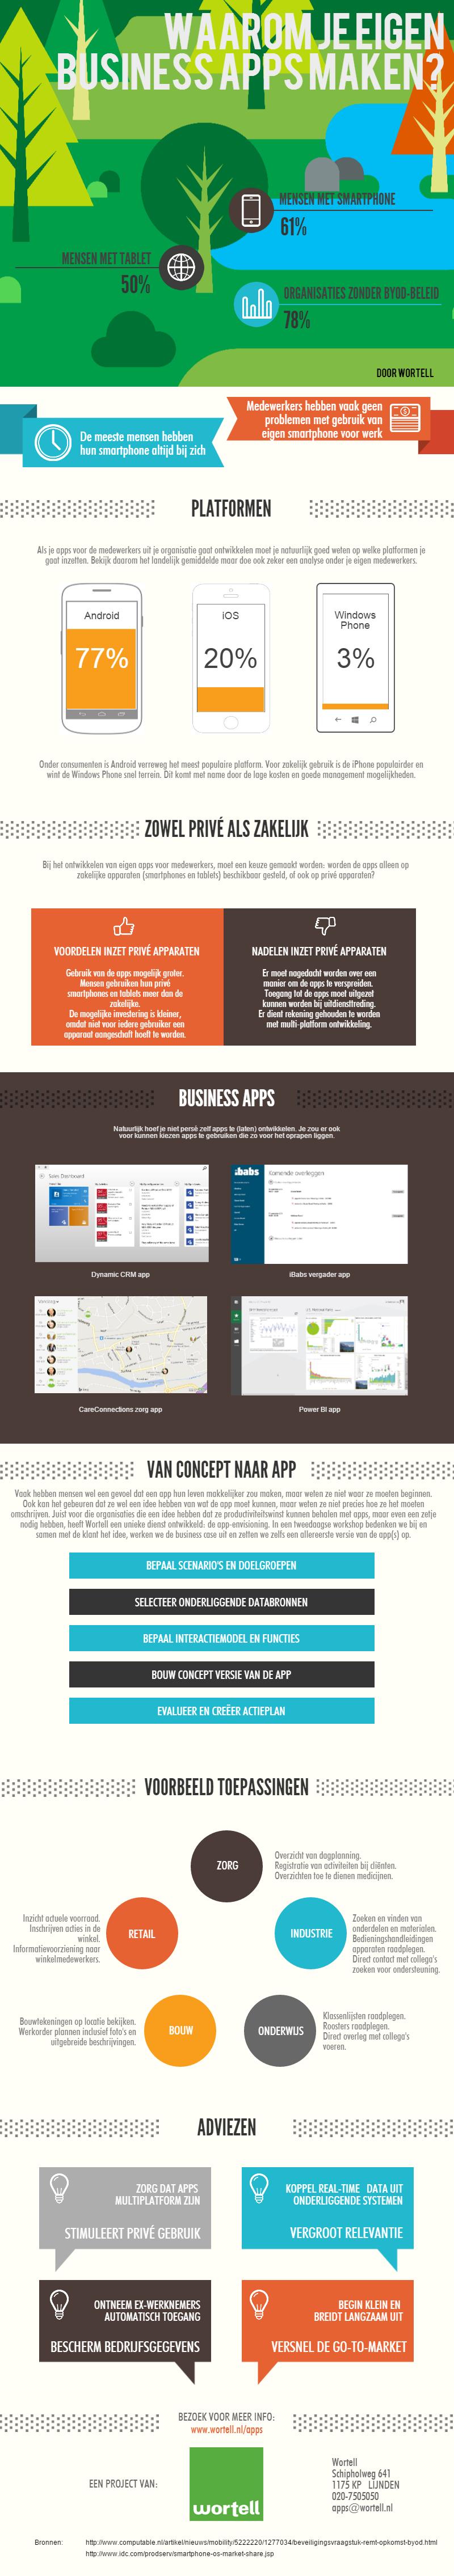 Zakelike apps voor Windows, Android en iPhone maken